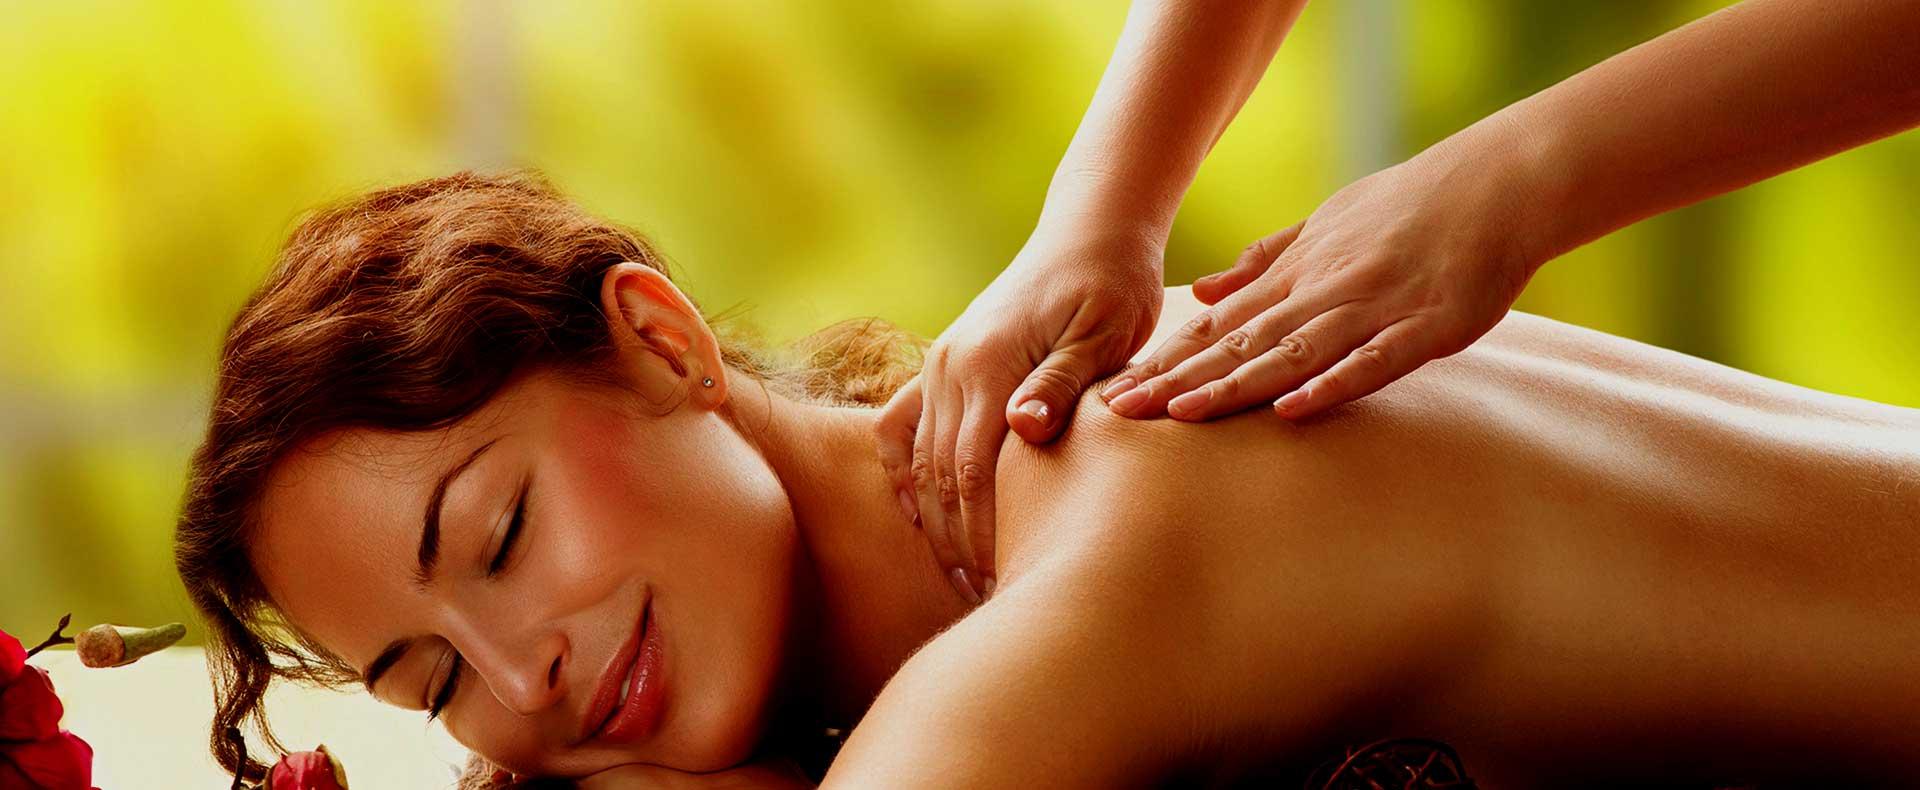 Corso base massaggio rilassante - oligenesi - accademia del massaggio firenze roma milano torino vicenza reggio emilia